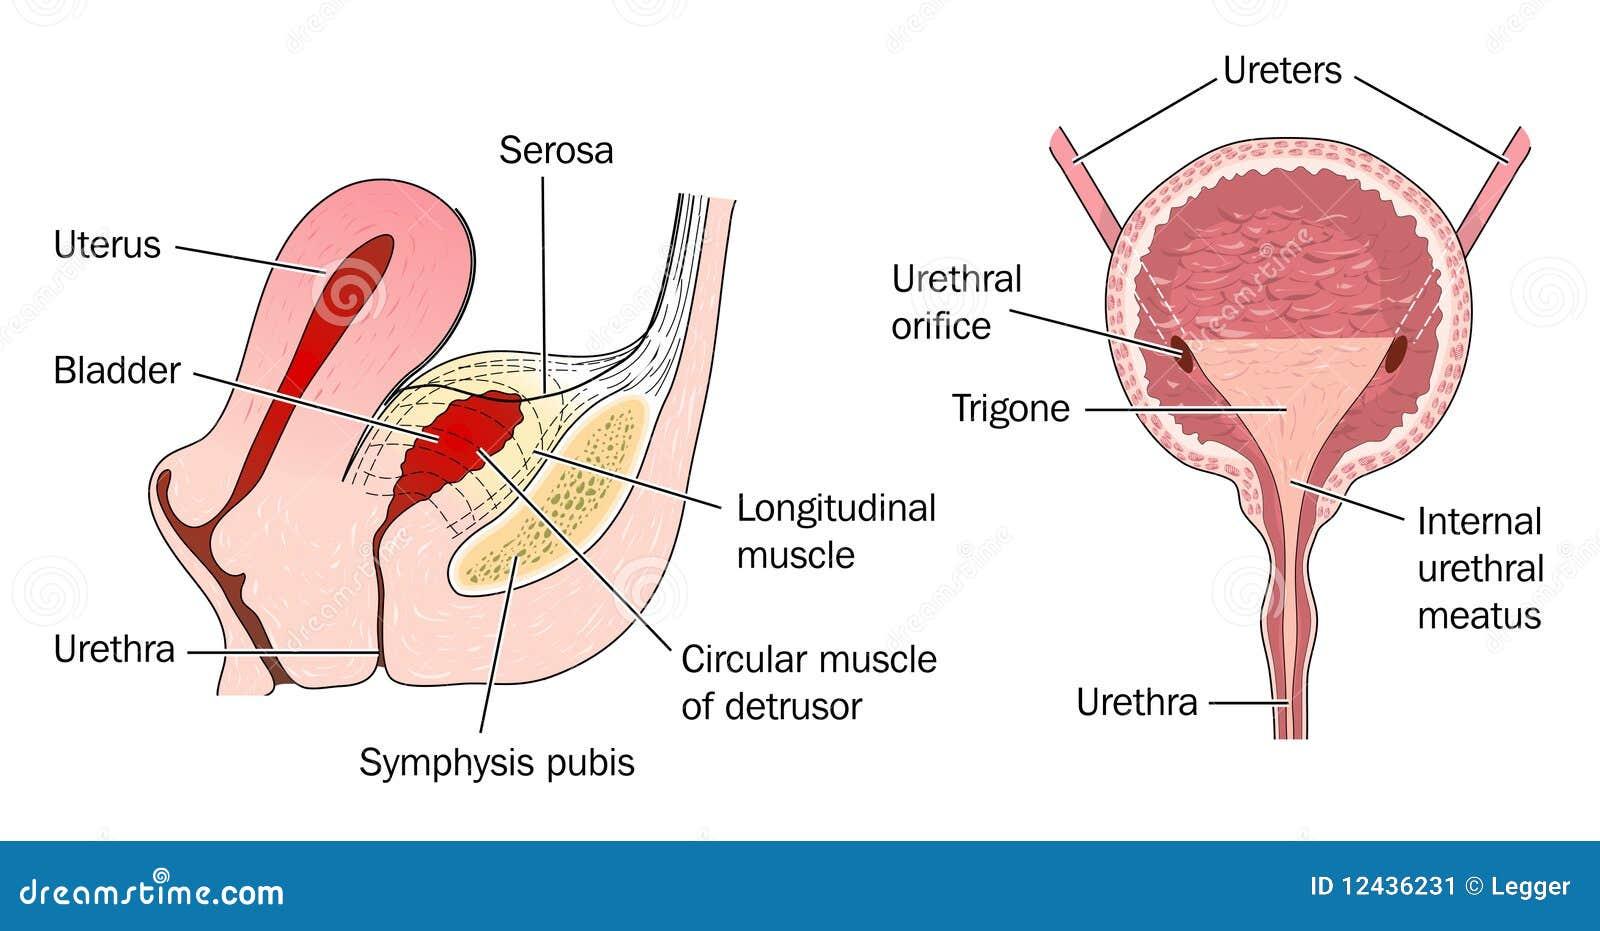 Stechende Schmerzen in der Vagina SSW 146 - Onmeda-Foren